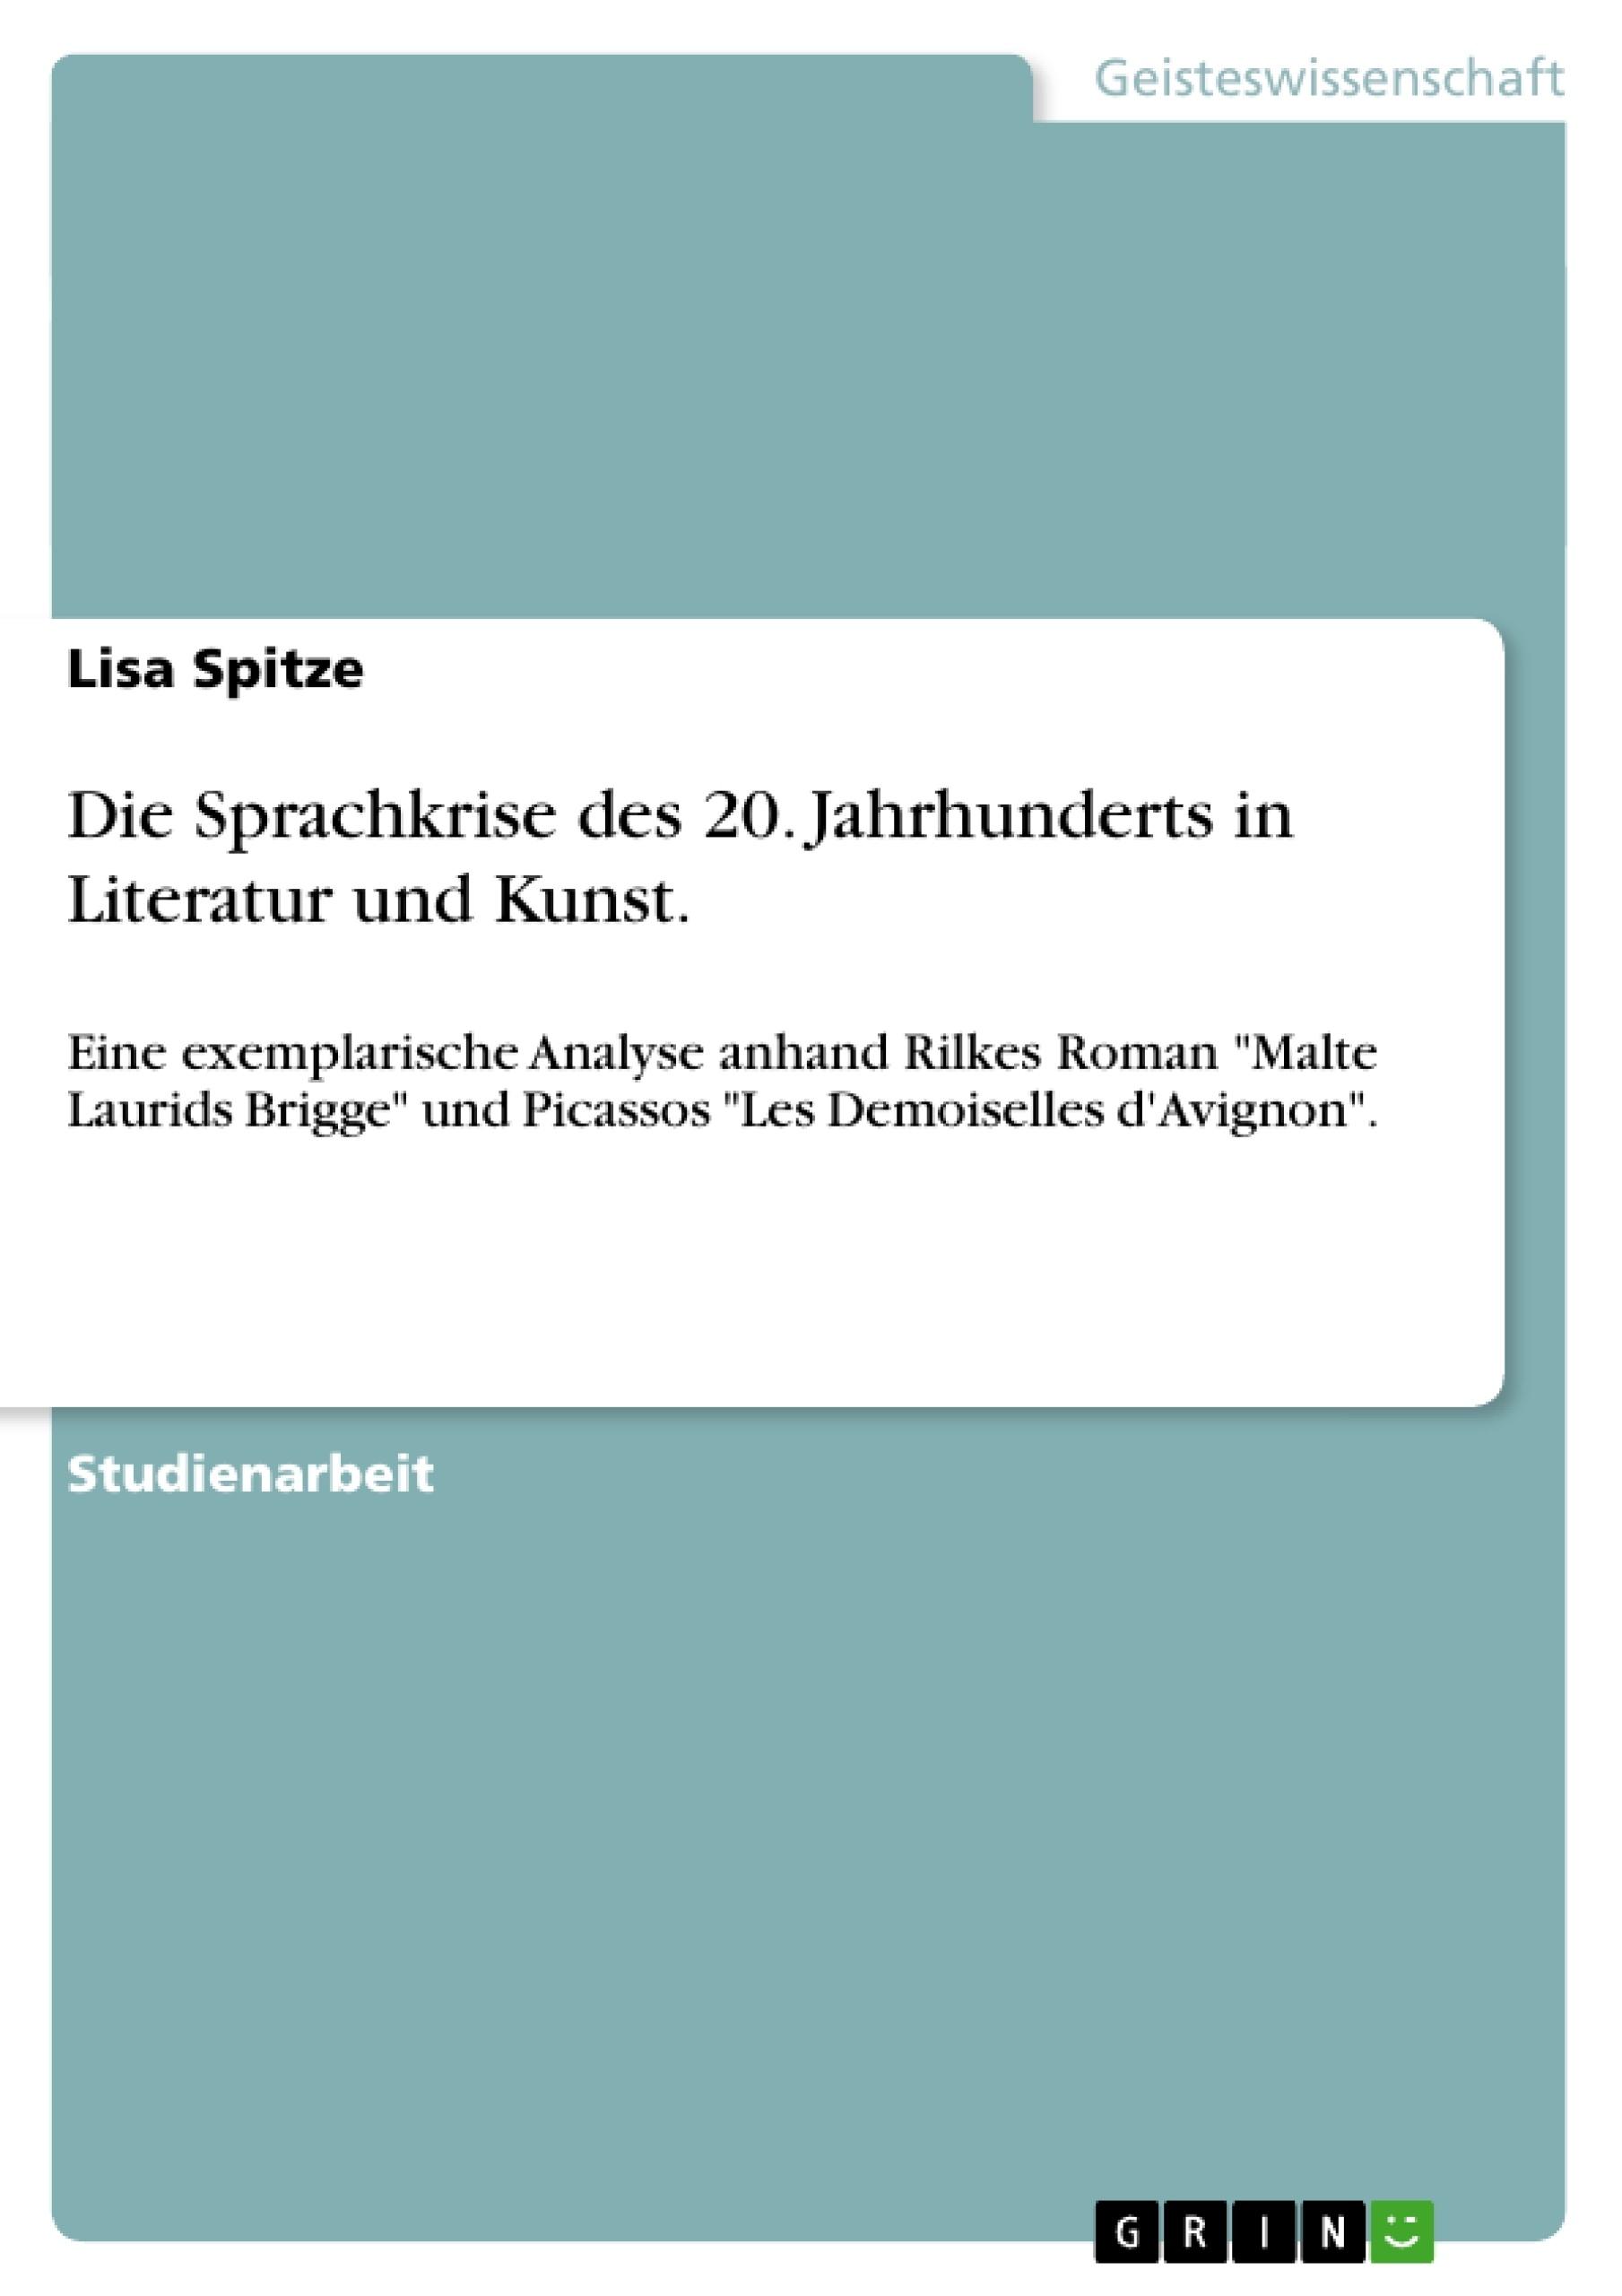 Titel: Die Sprachkrise des 20. Jahrhunderts in Literatur und Kunst.